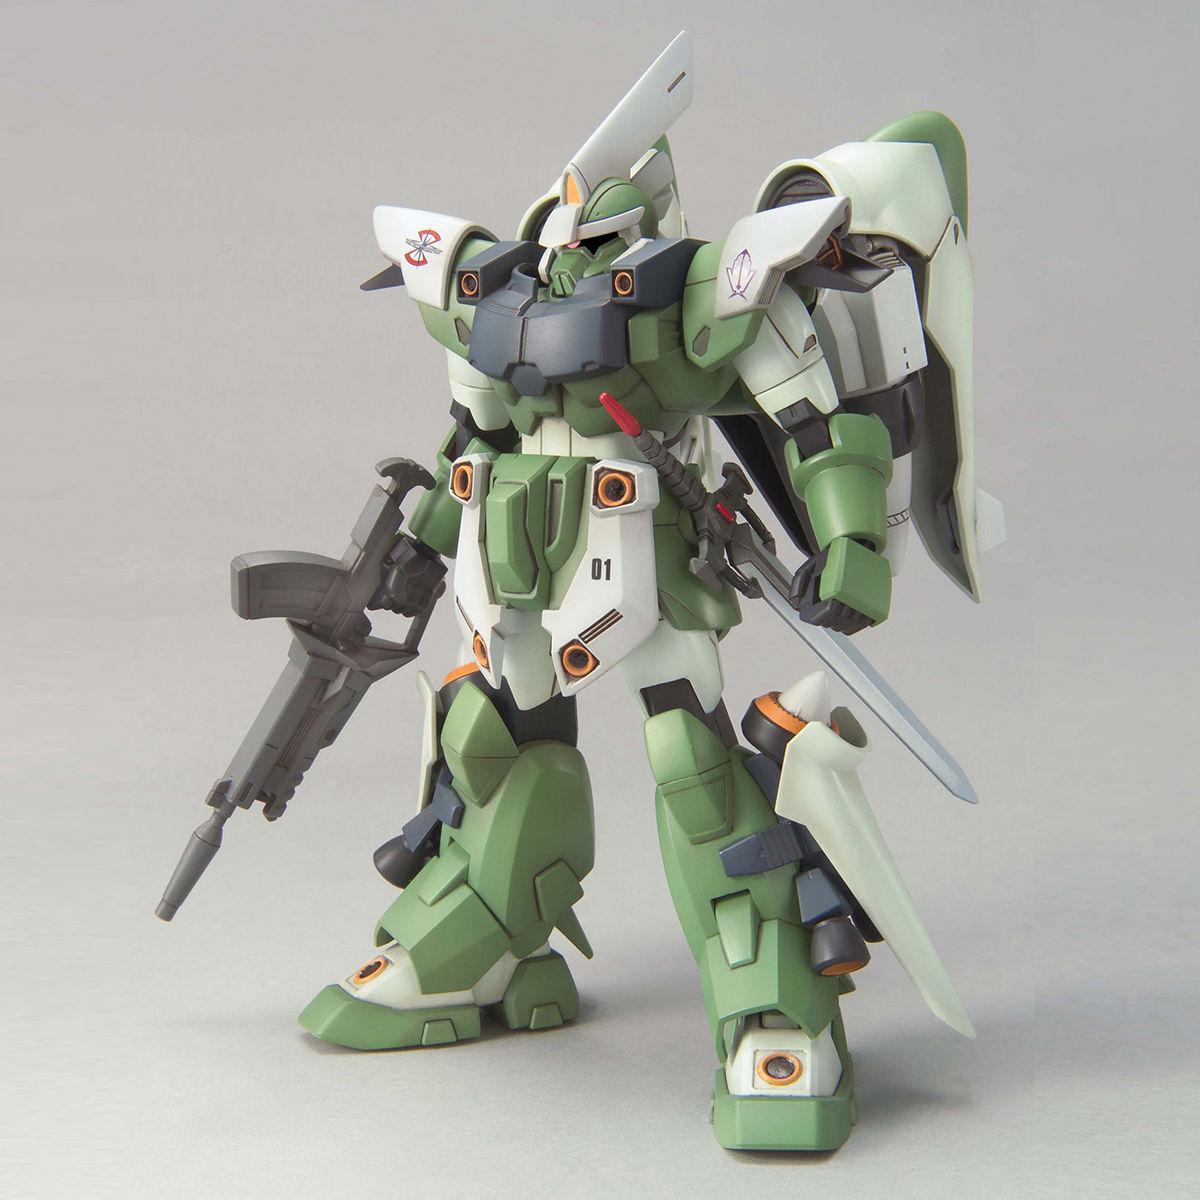 HG 1/144 ZGMF-1017M ジンハイマニューバ [GINN Type High-Maneuver] 4543112256553